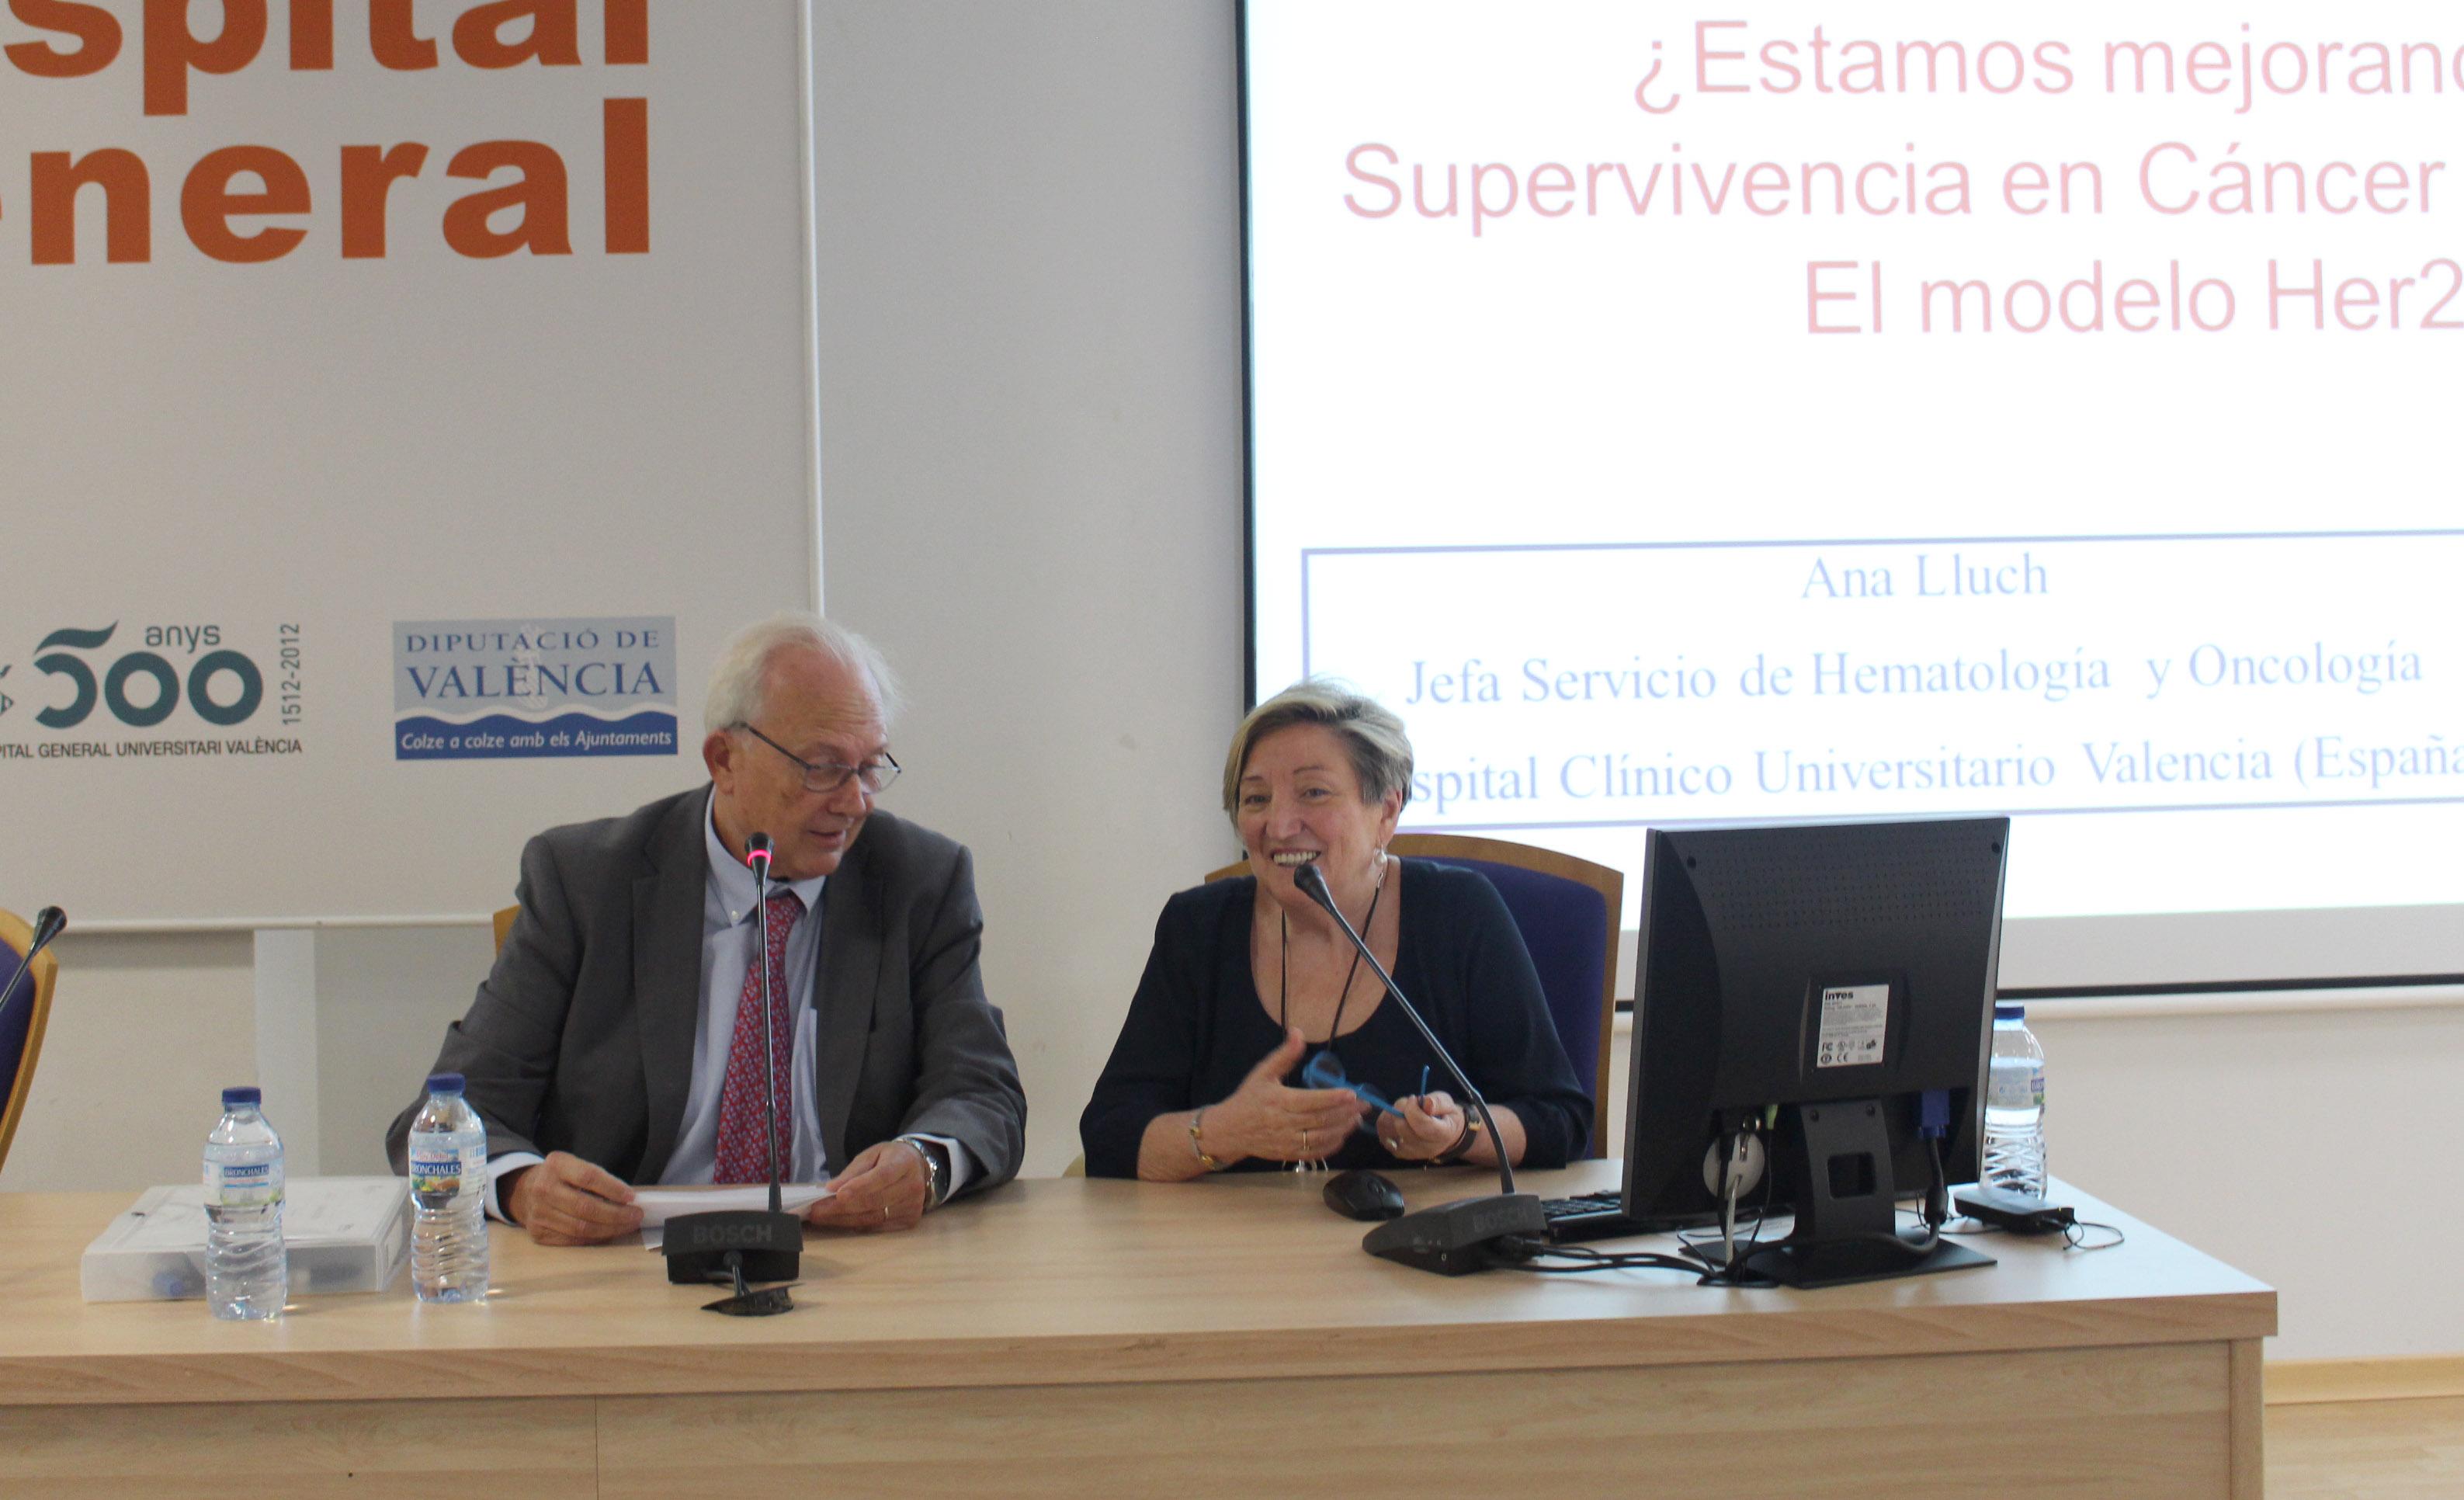 2017 09 29 Carlos Camps y Ana Lluch Jornada Cancer de Mama Hospital General de Valencia